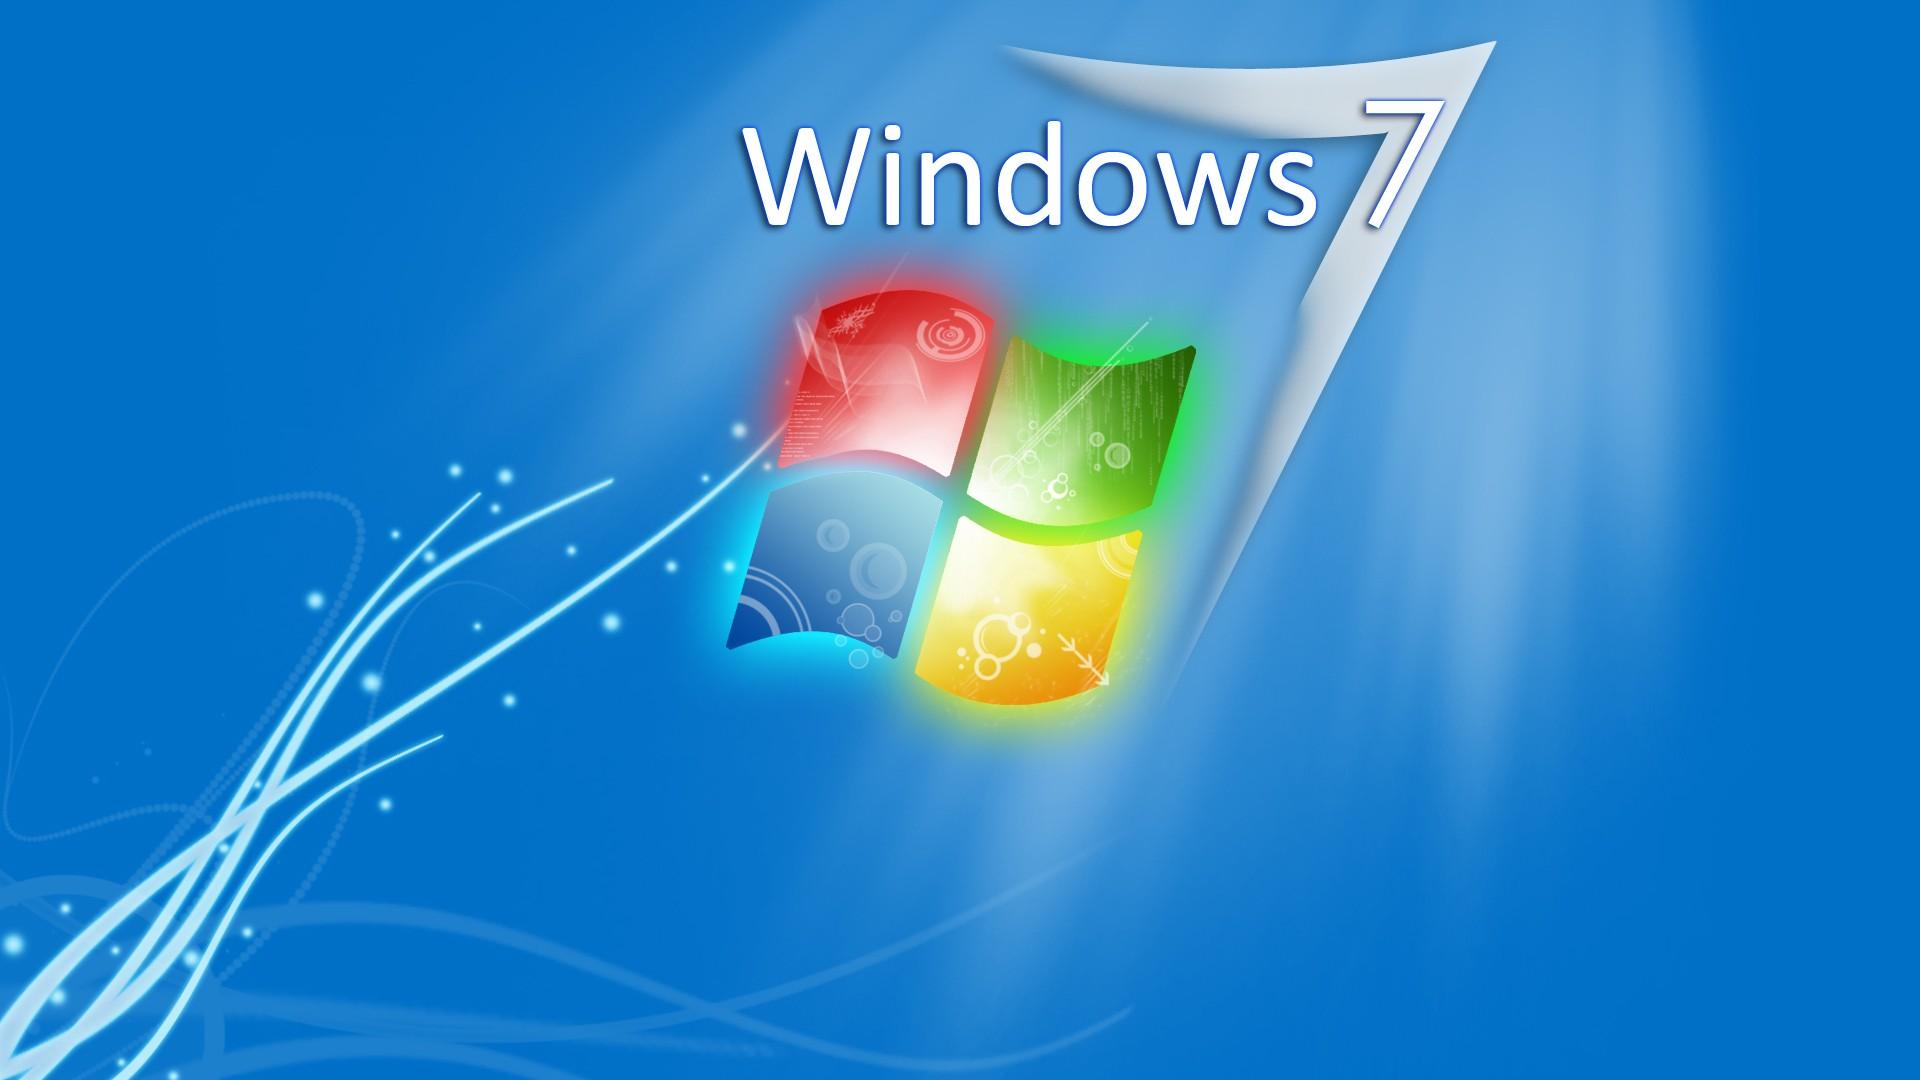 、ウィンドウズ、7 Windows、、コンピューター